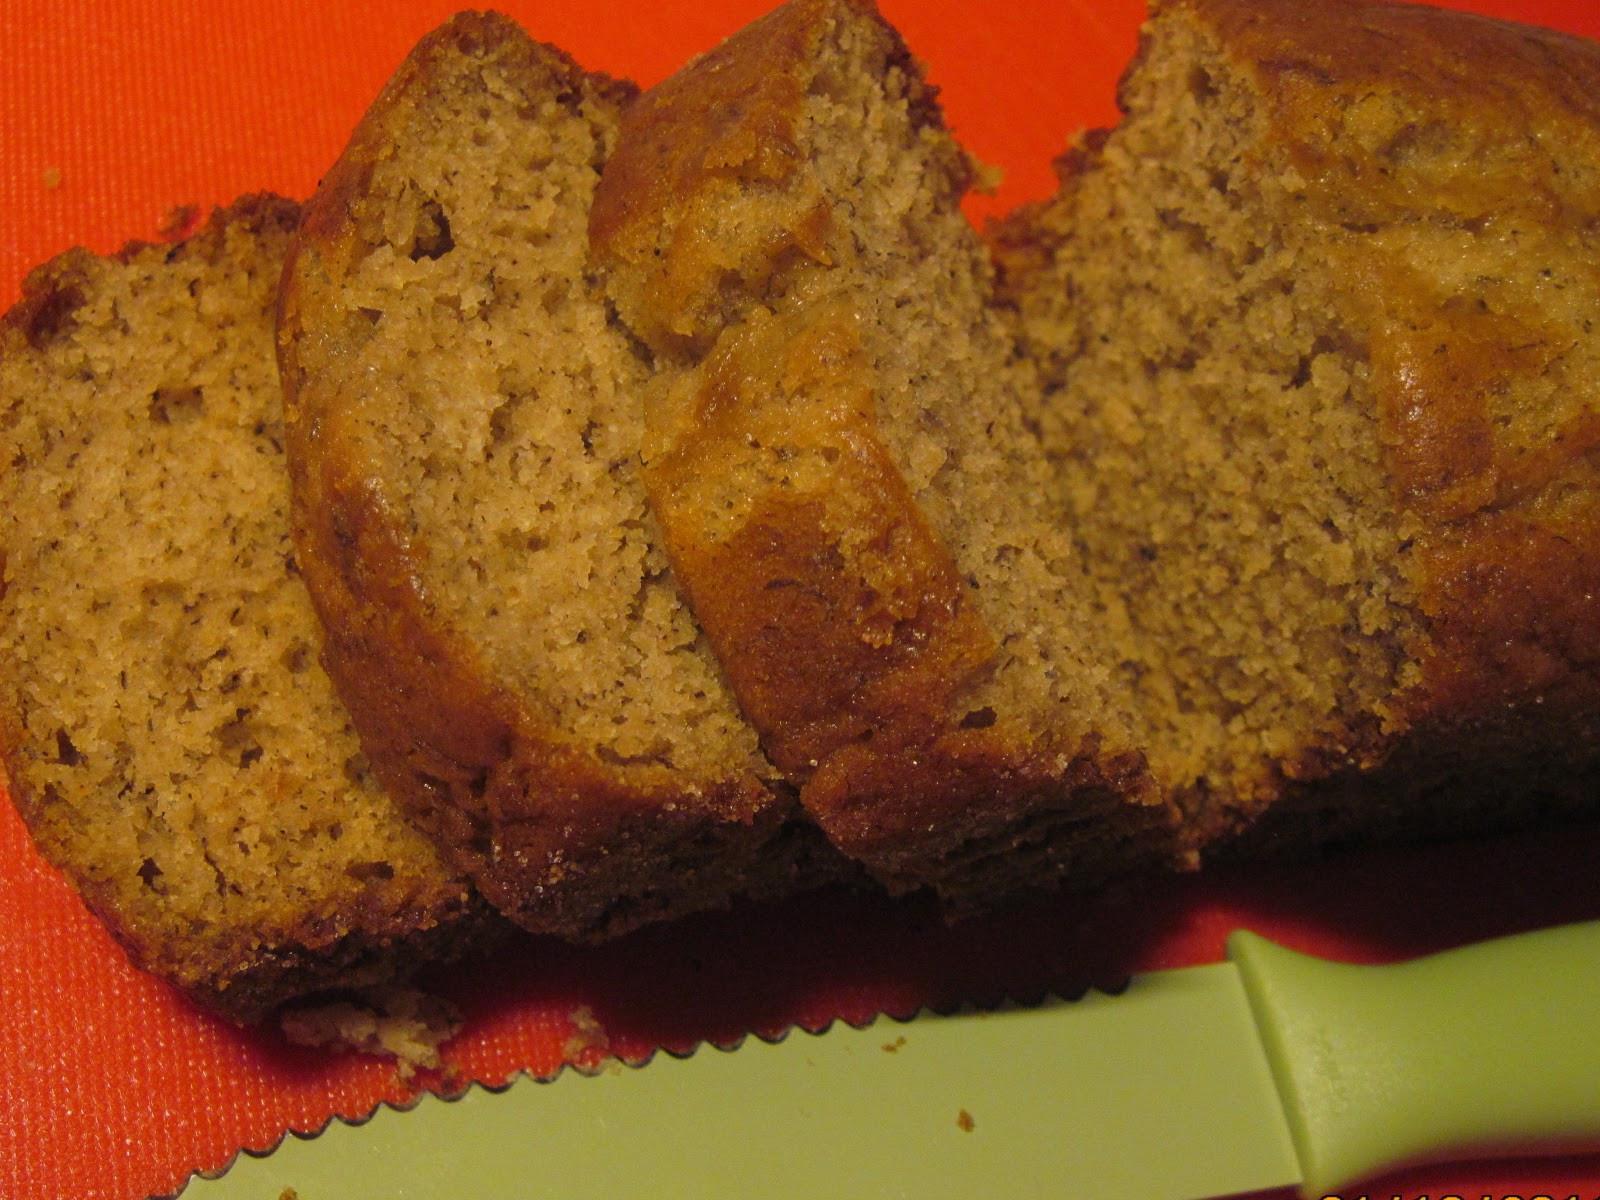 Sour Cream Banana Bread  The Better Baker Sour Cream Banana Bread & a Healthy